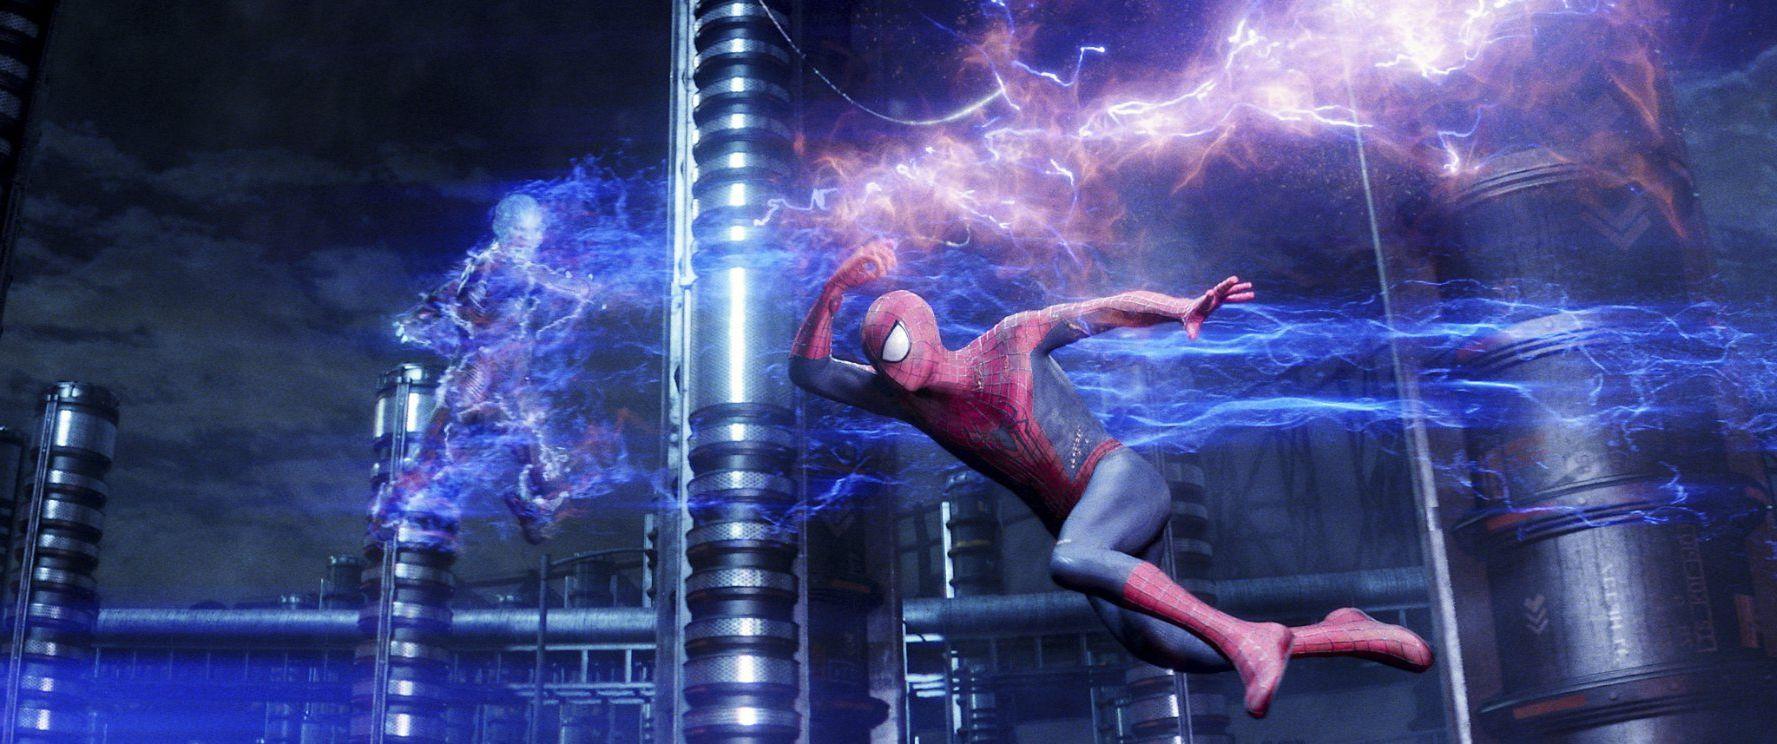 Inanılmaz örümcek Adam 2 The Amazing Spider Man 2 Izle